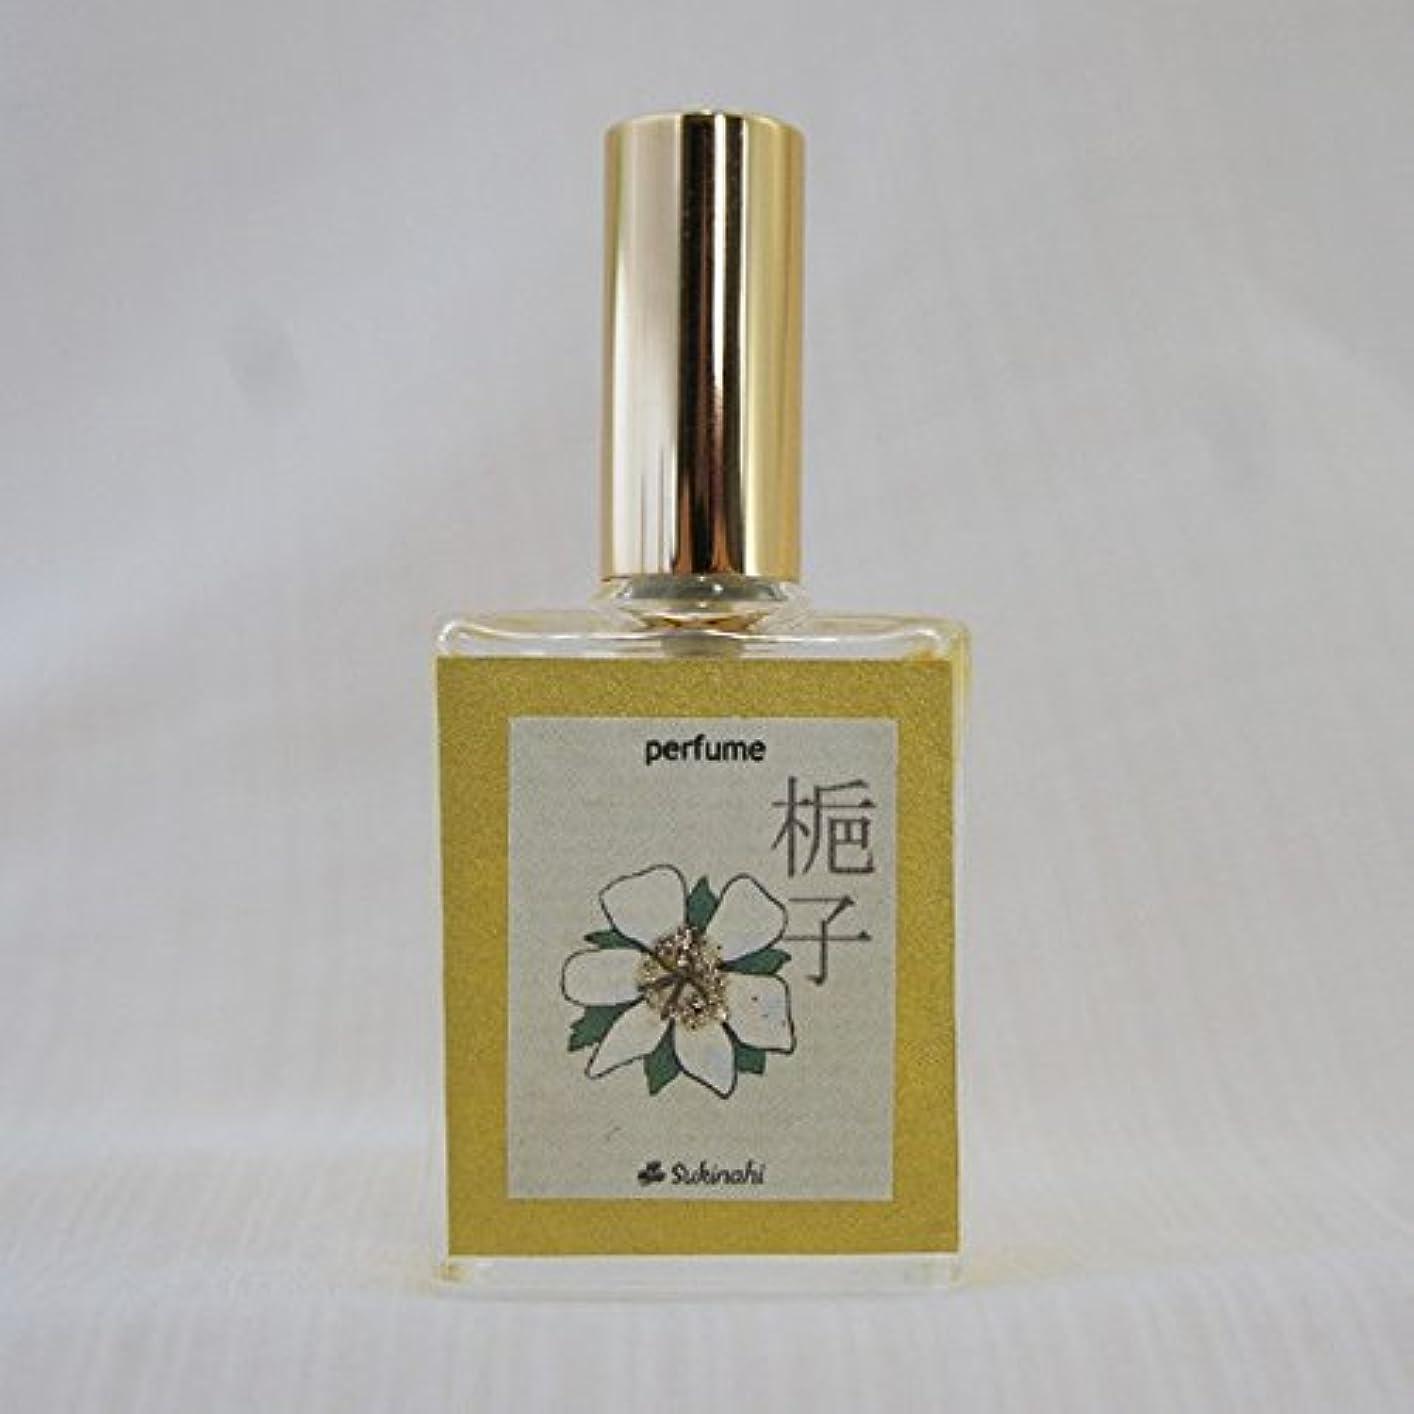 無視するぼかす大型トラック和香水「三大香木シリーズ」16ml (梔子)